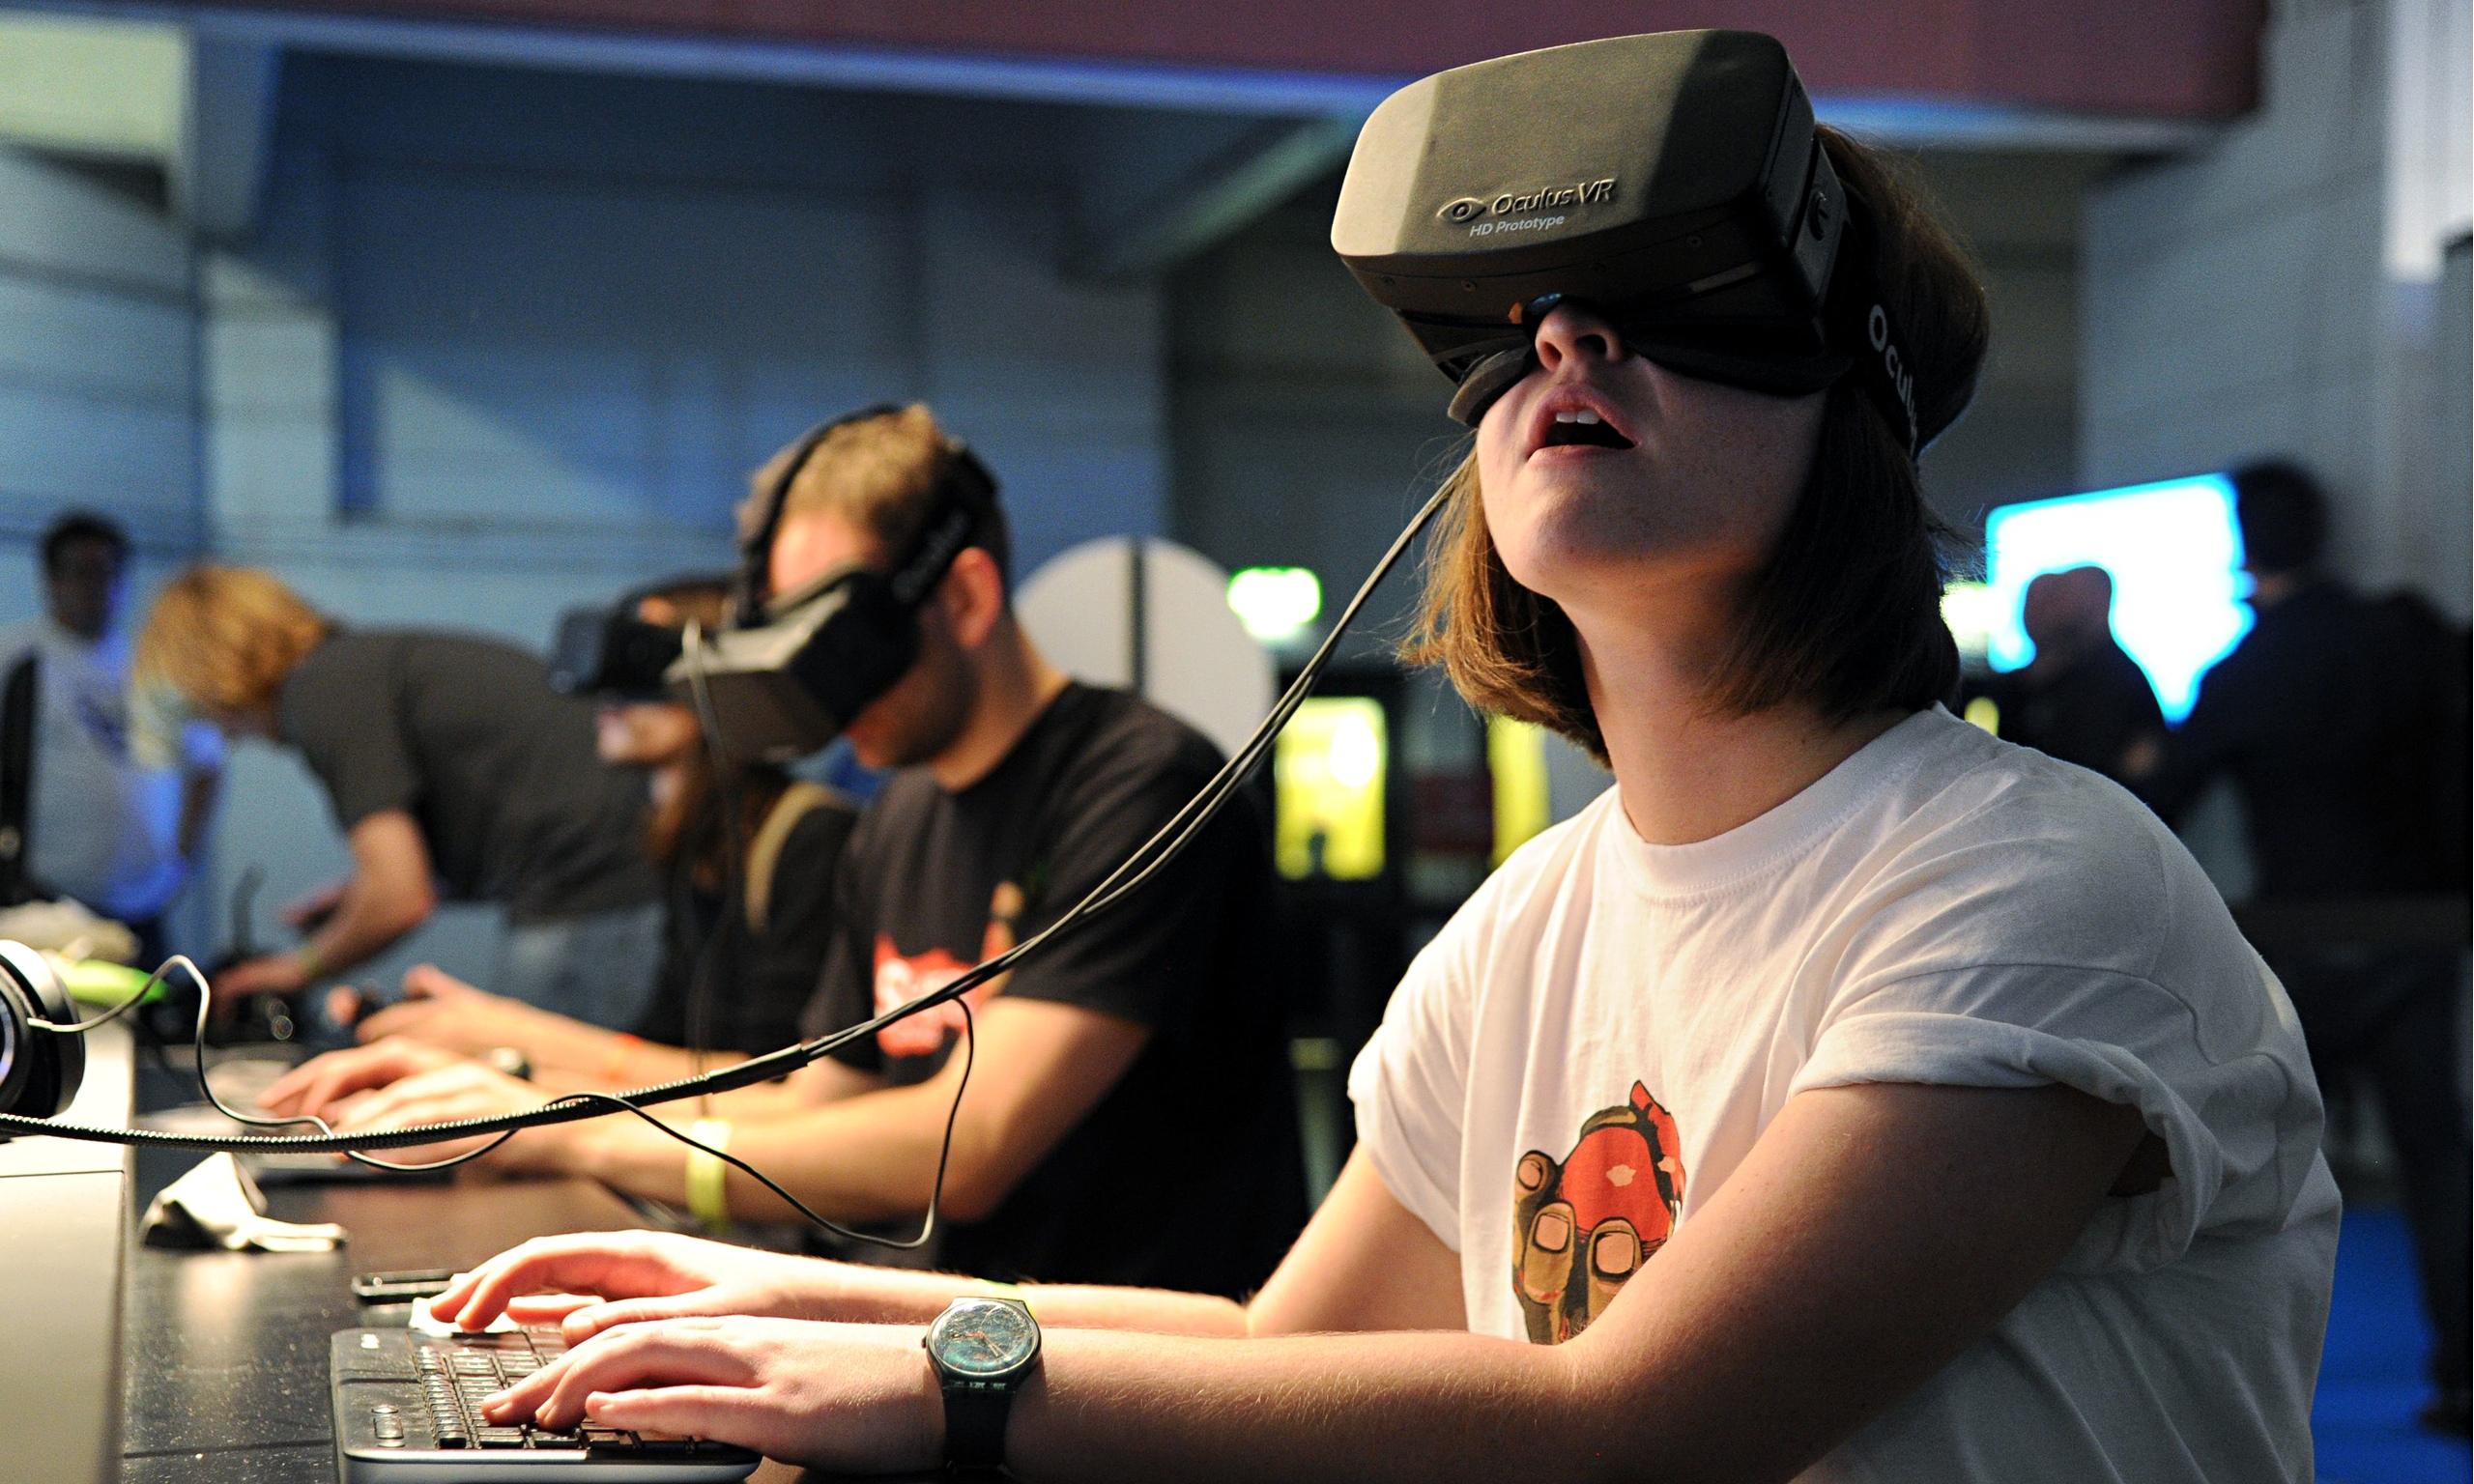 The-Oculus-Rift-headset-i-012